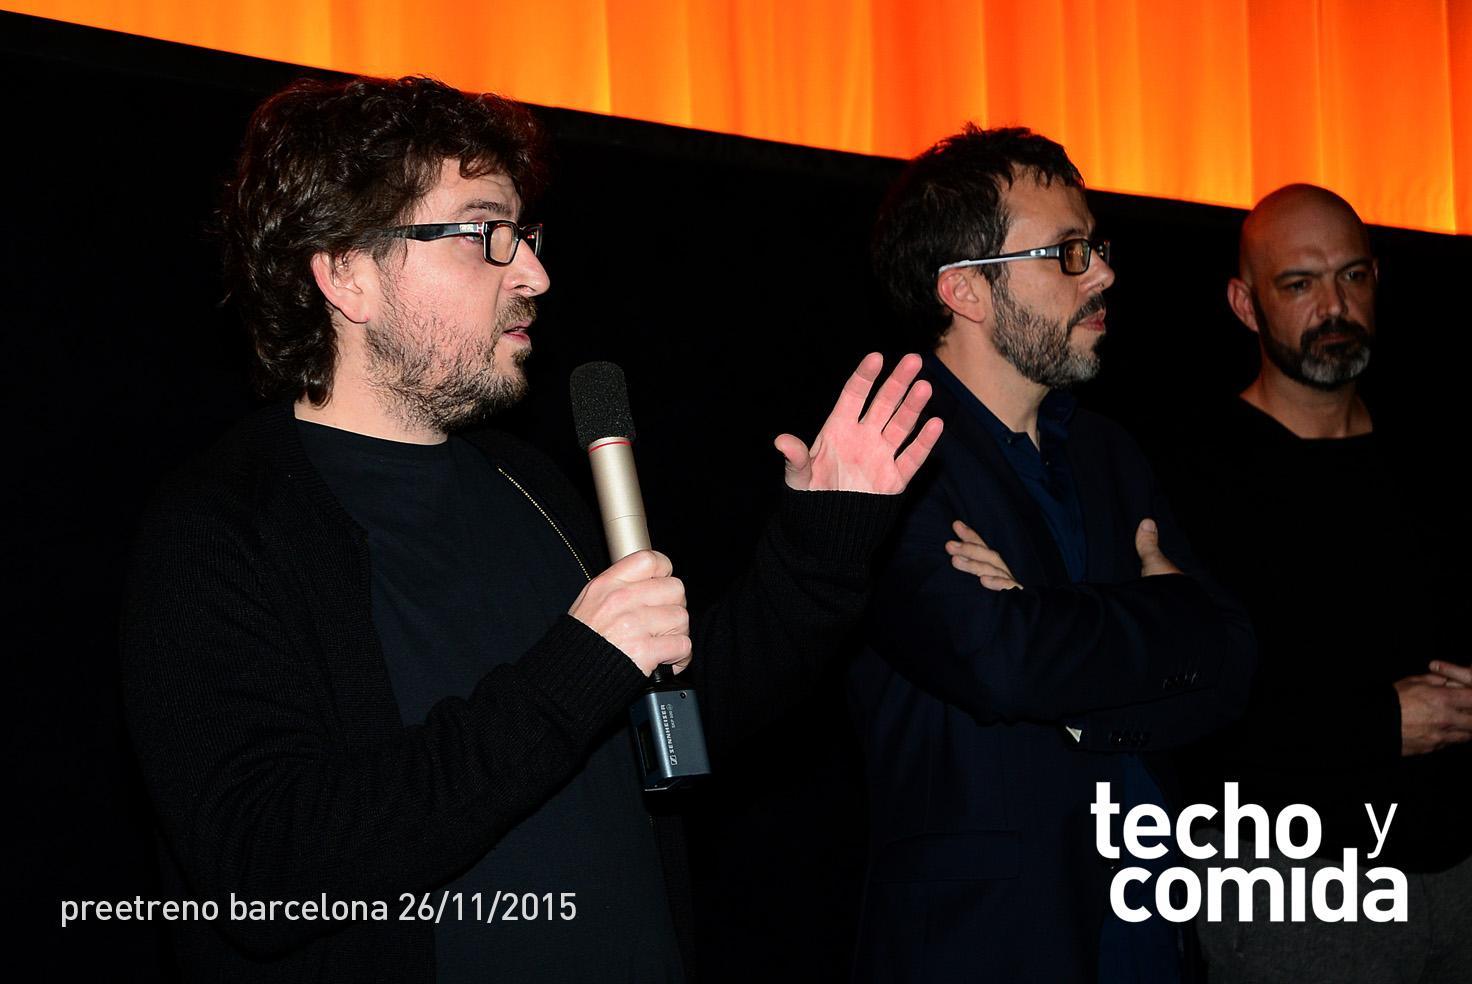 Barcelona_012_Techo y comida